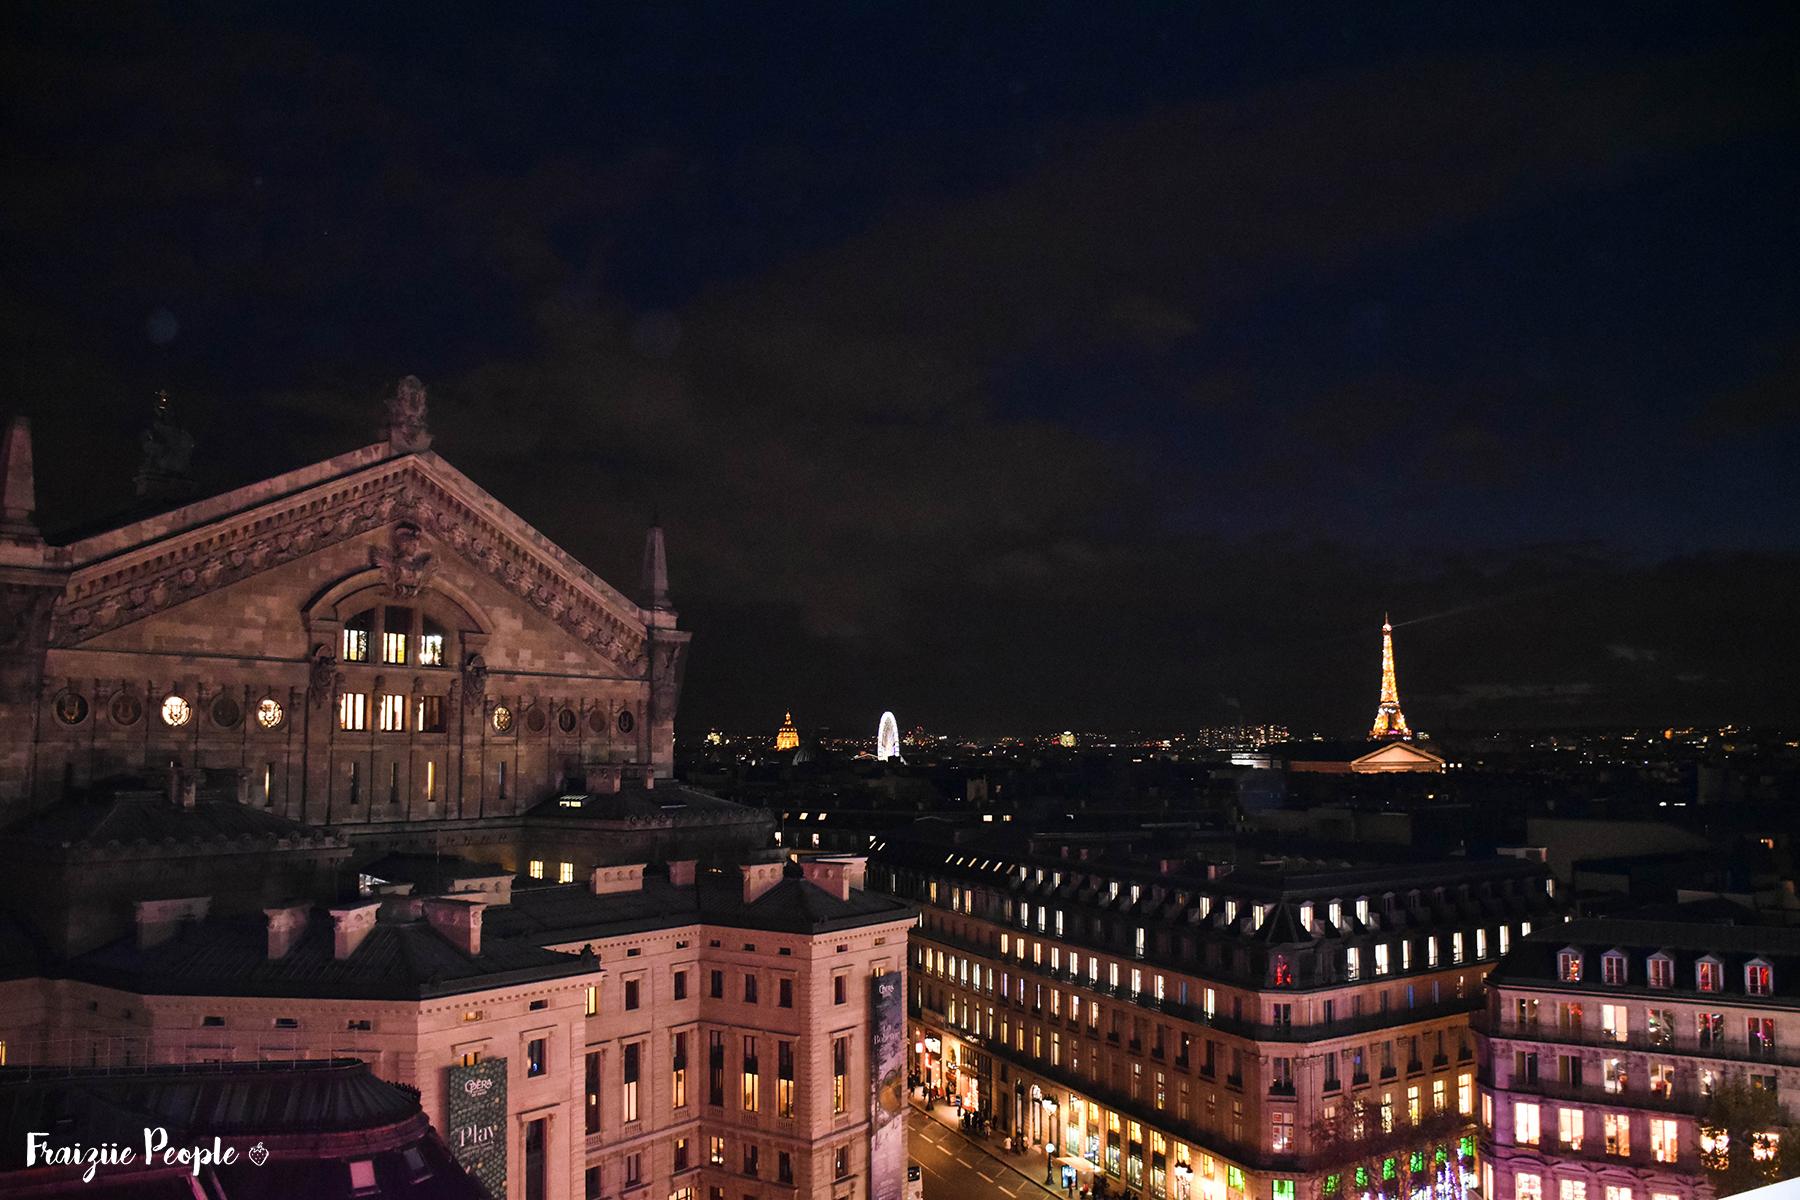 Vue panoramique de Paris aux Galeries Lafayette - Fraiziie-People